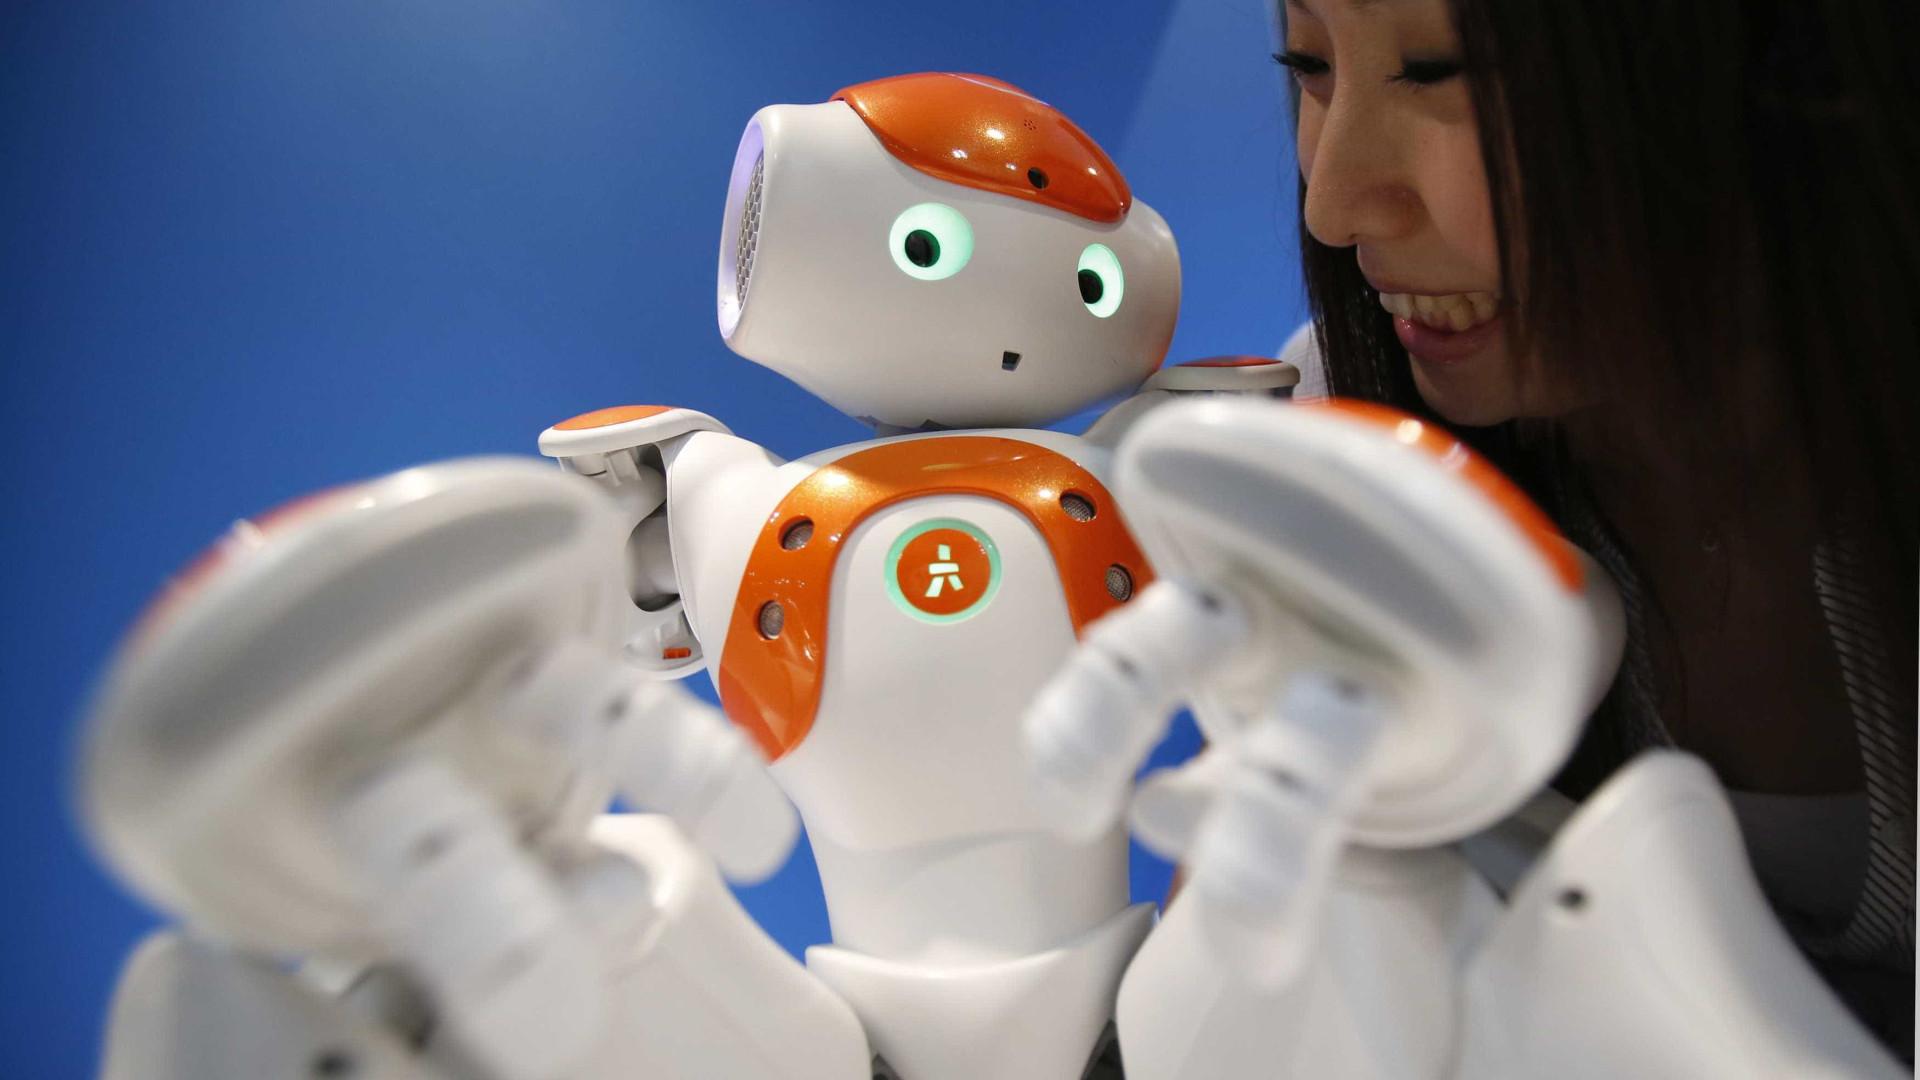 Investigador quer direitos legais para robots